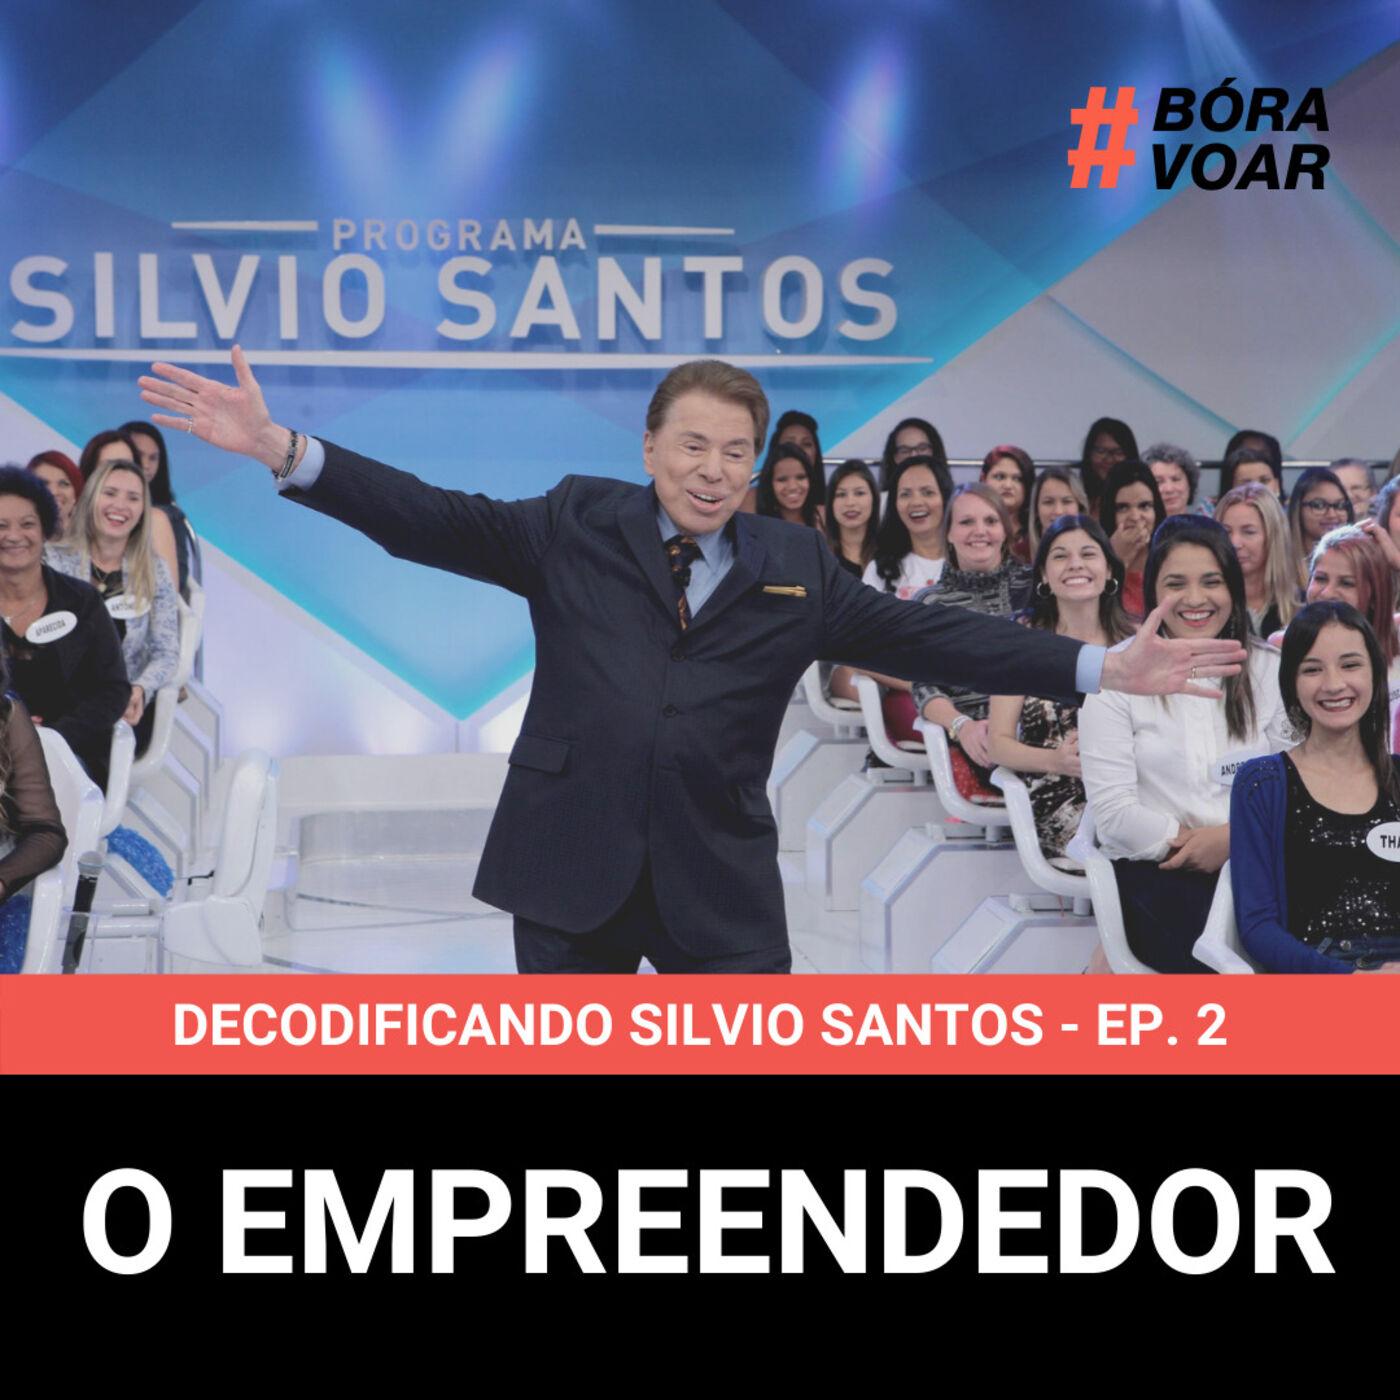 Decodificando Silvio Santos - Episódio 2 - O Empreendedor